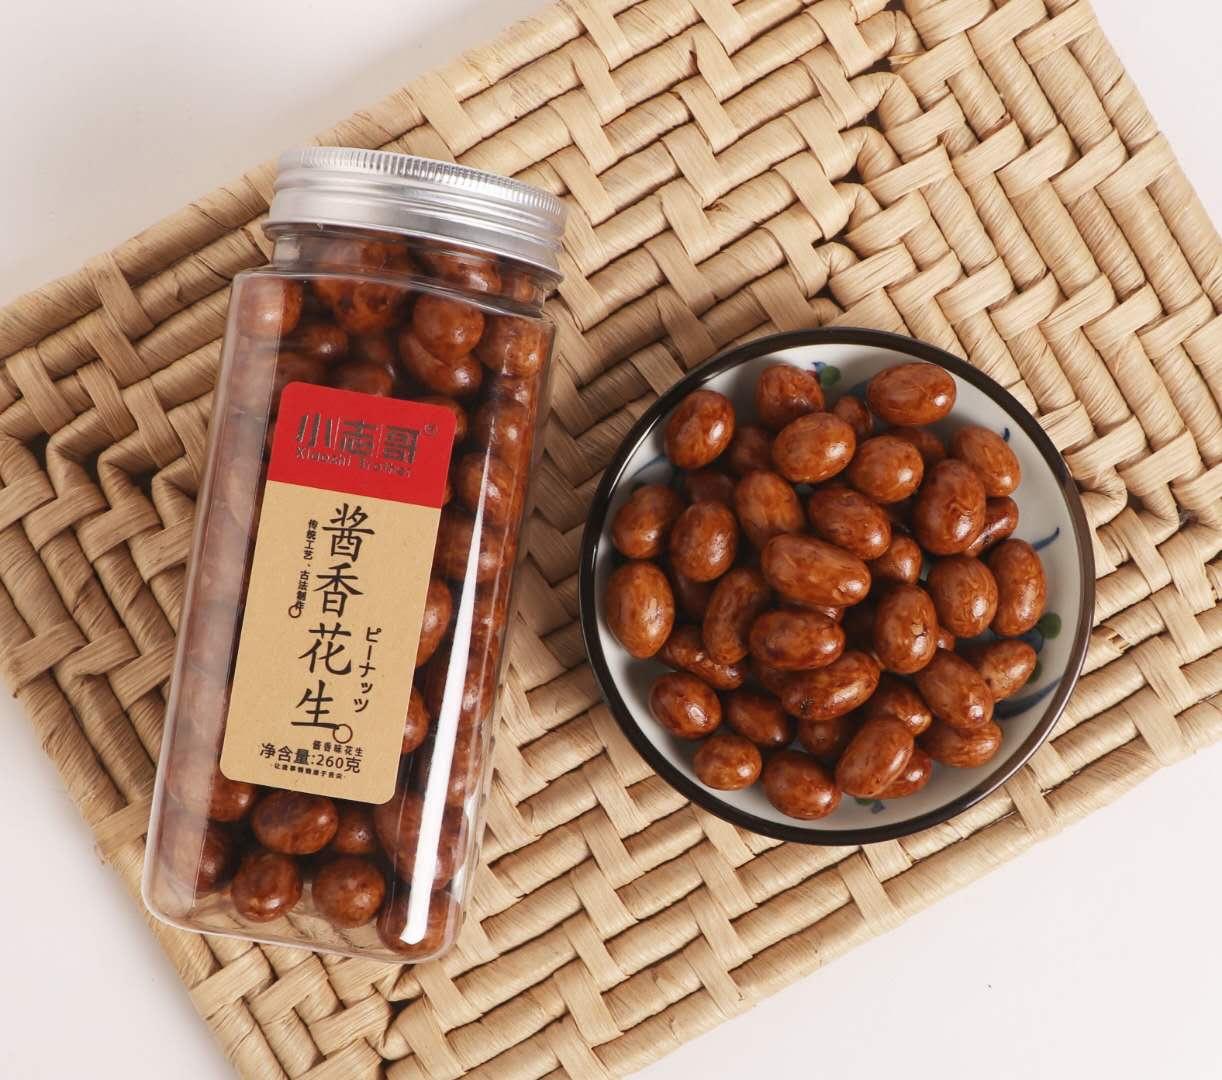 小志哥花生酱香味260克4瓶一组